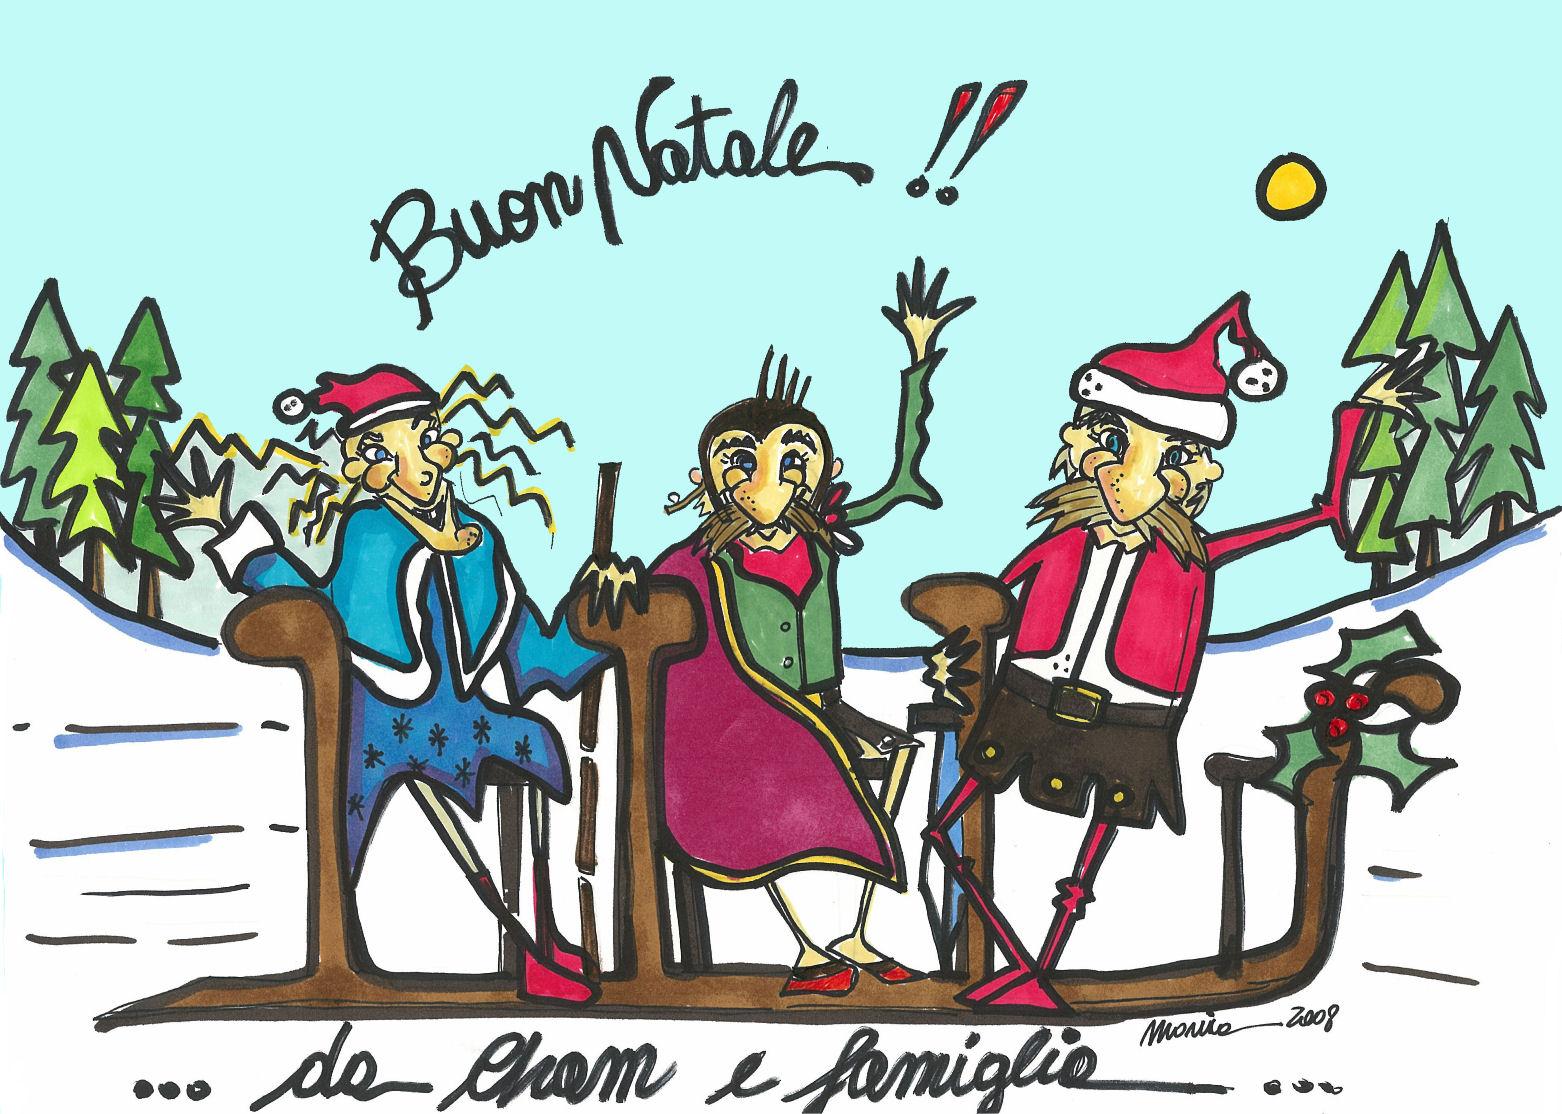 Cham, Onorata e Porzio in versione natalizia